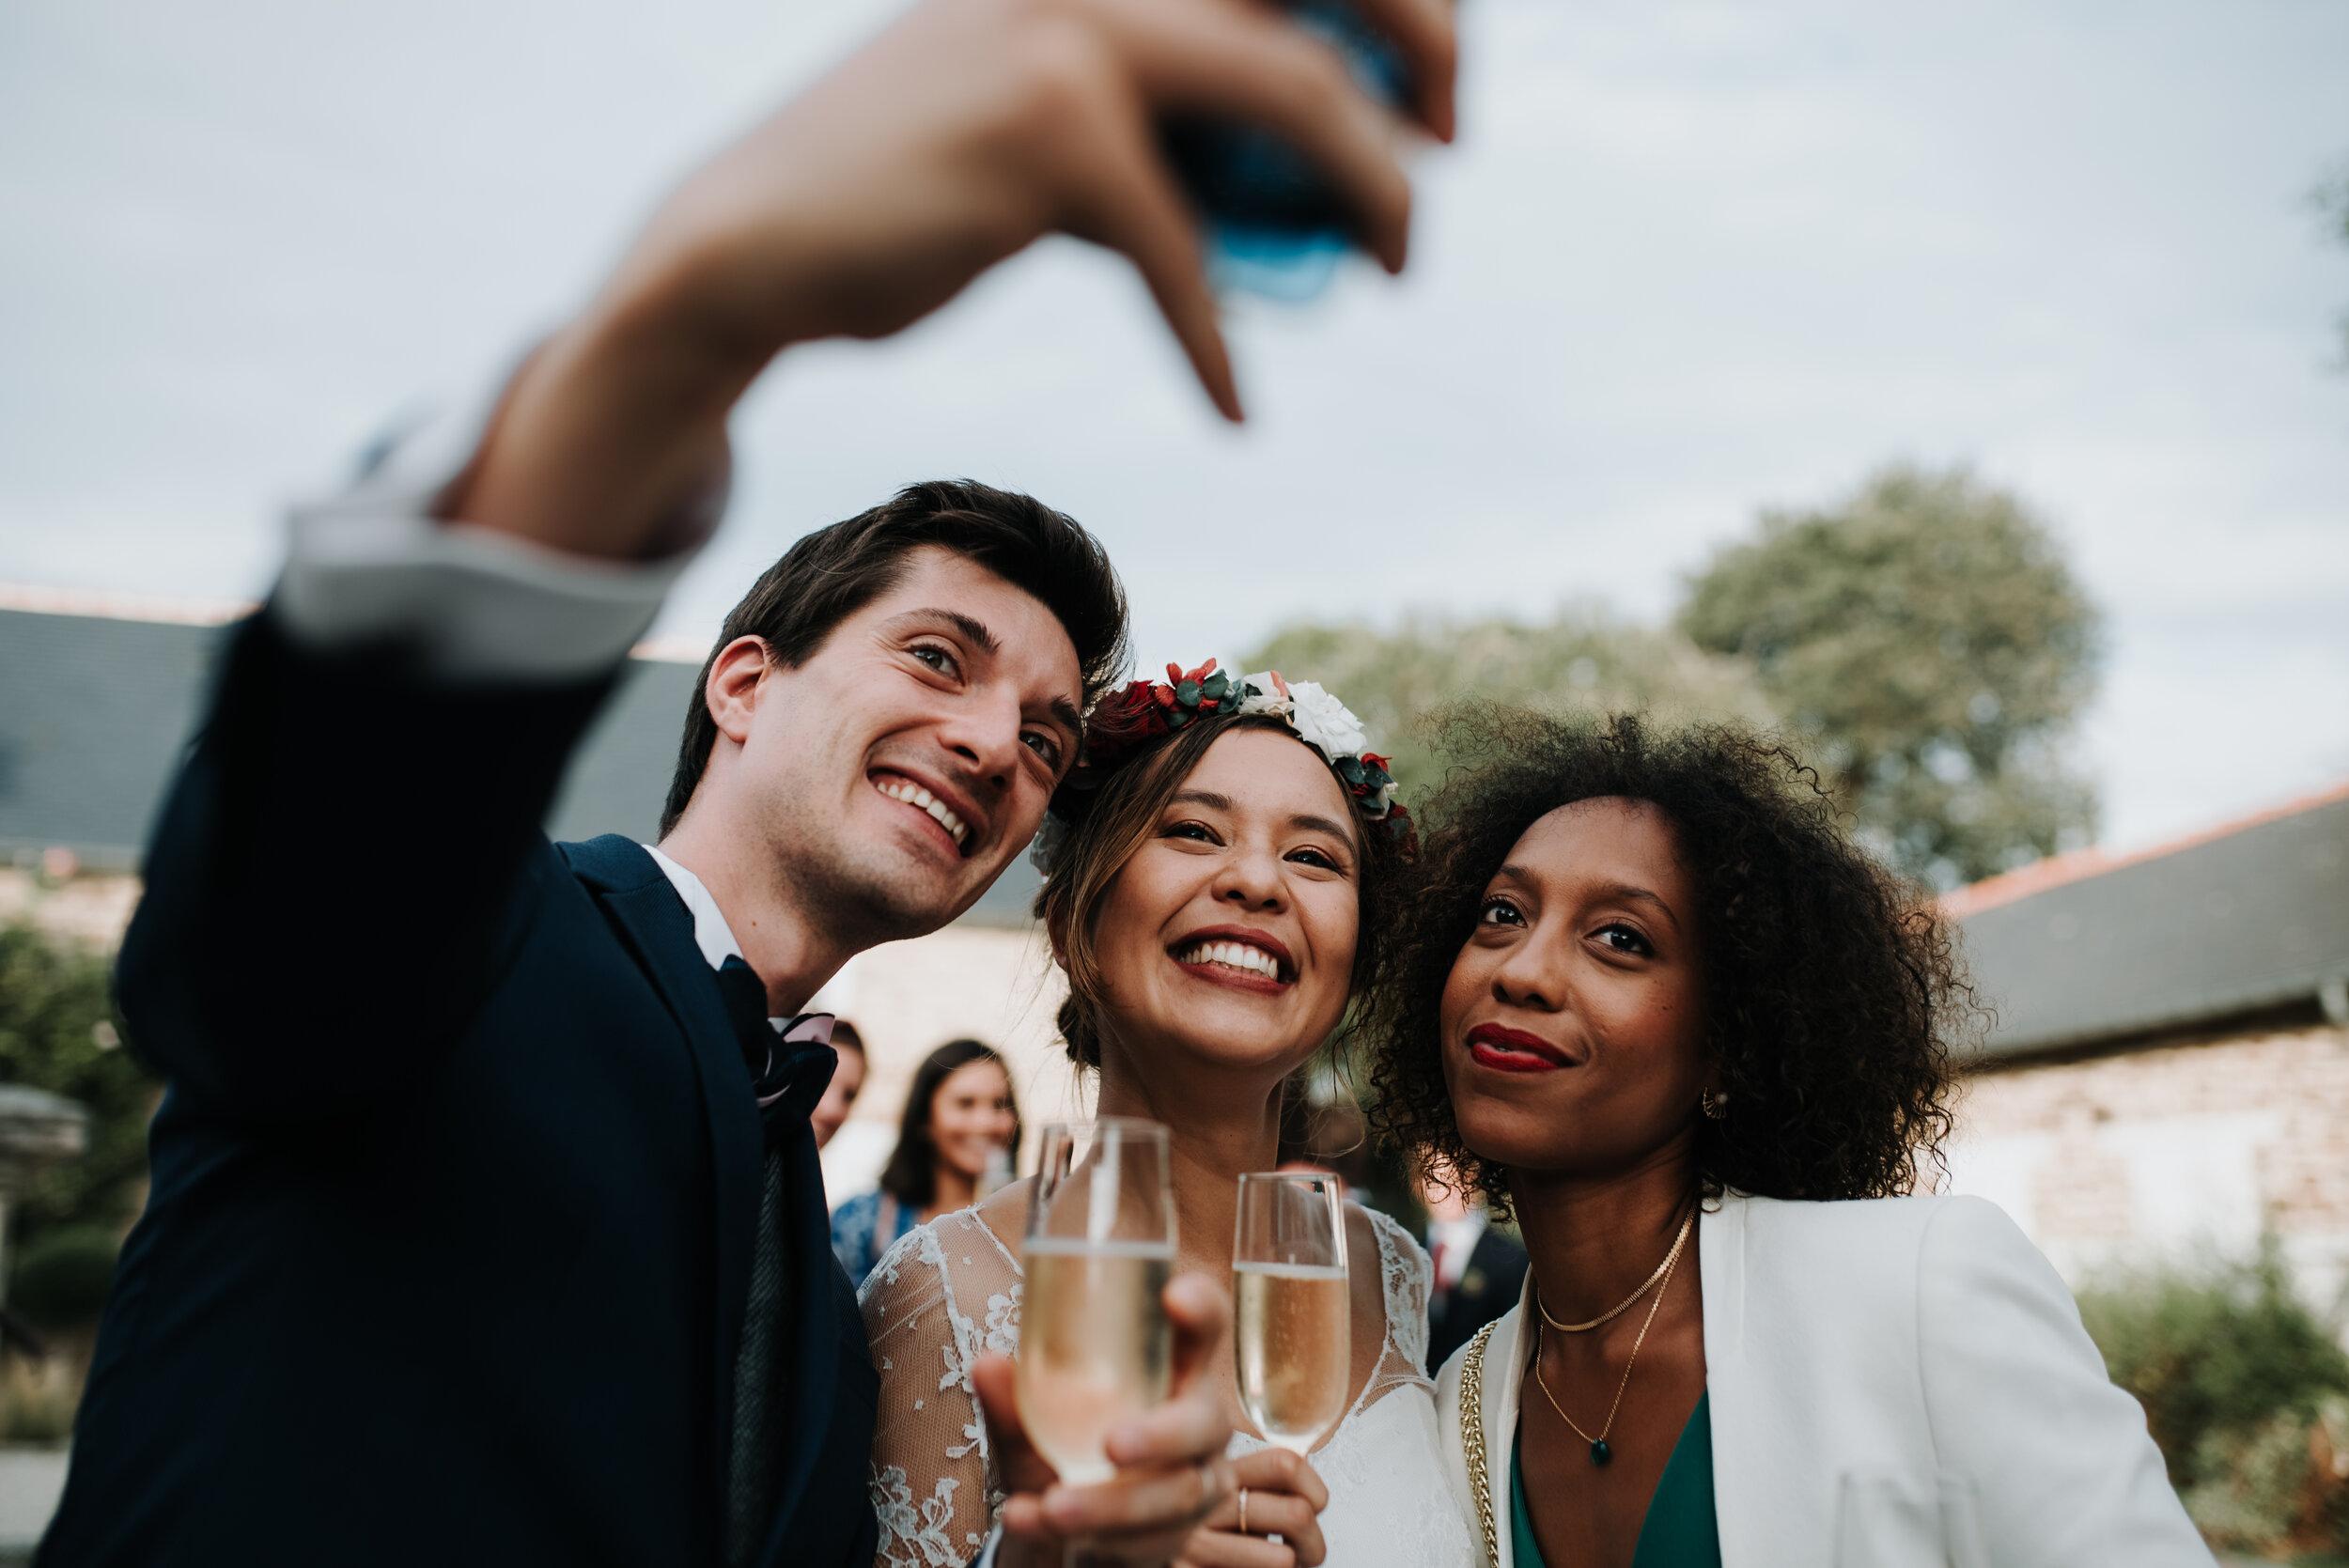 Léa-Fery-photographe-professionnel-Bretagne-portrait-creation-mariage-evenement-evenementiel-famille-2161.jpg